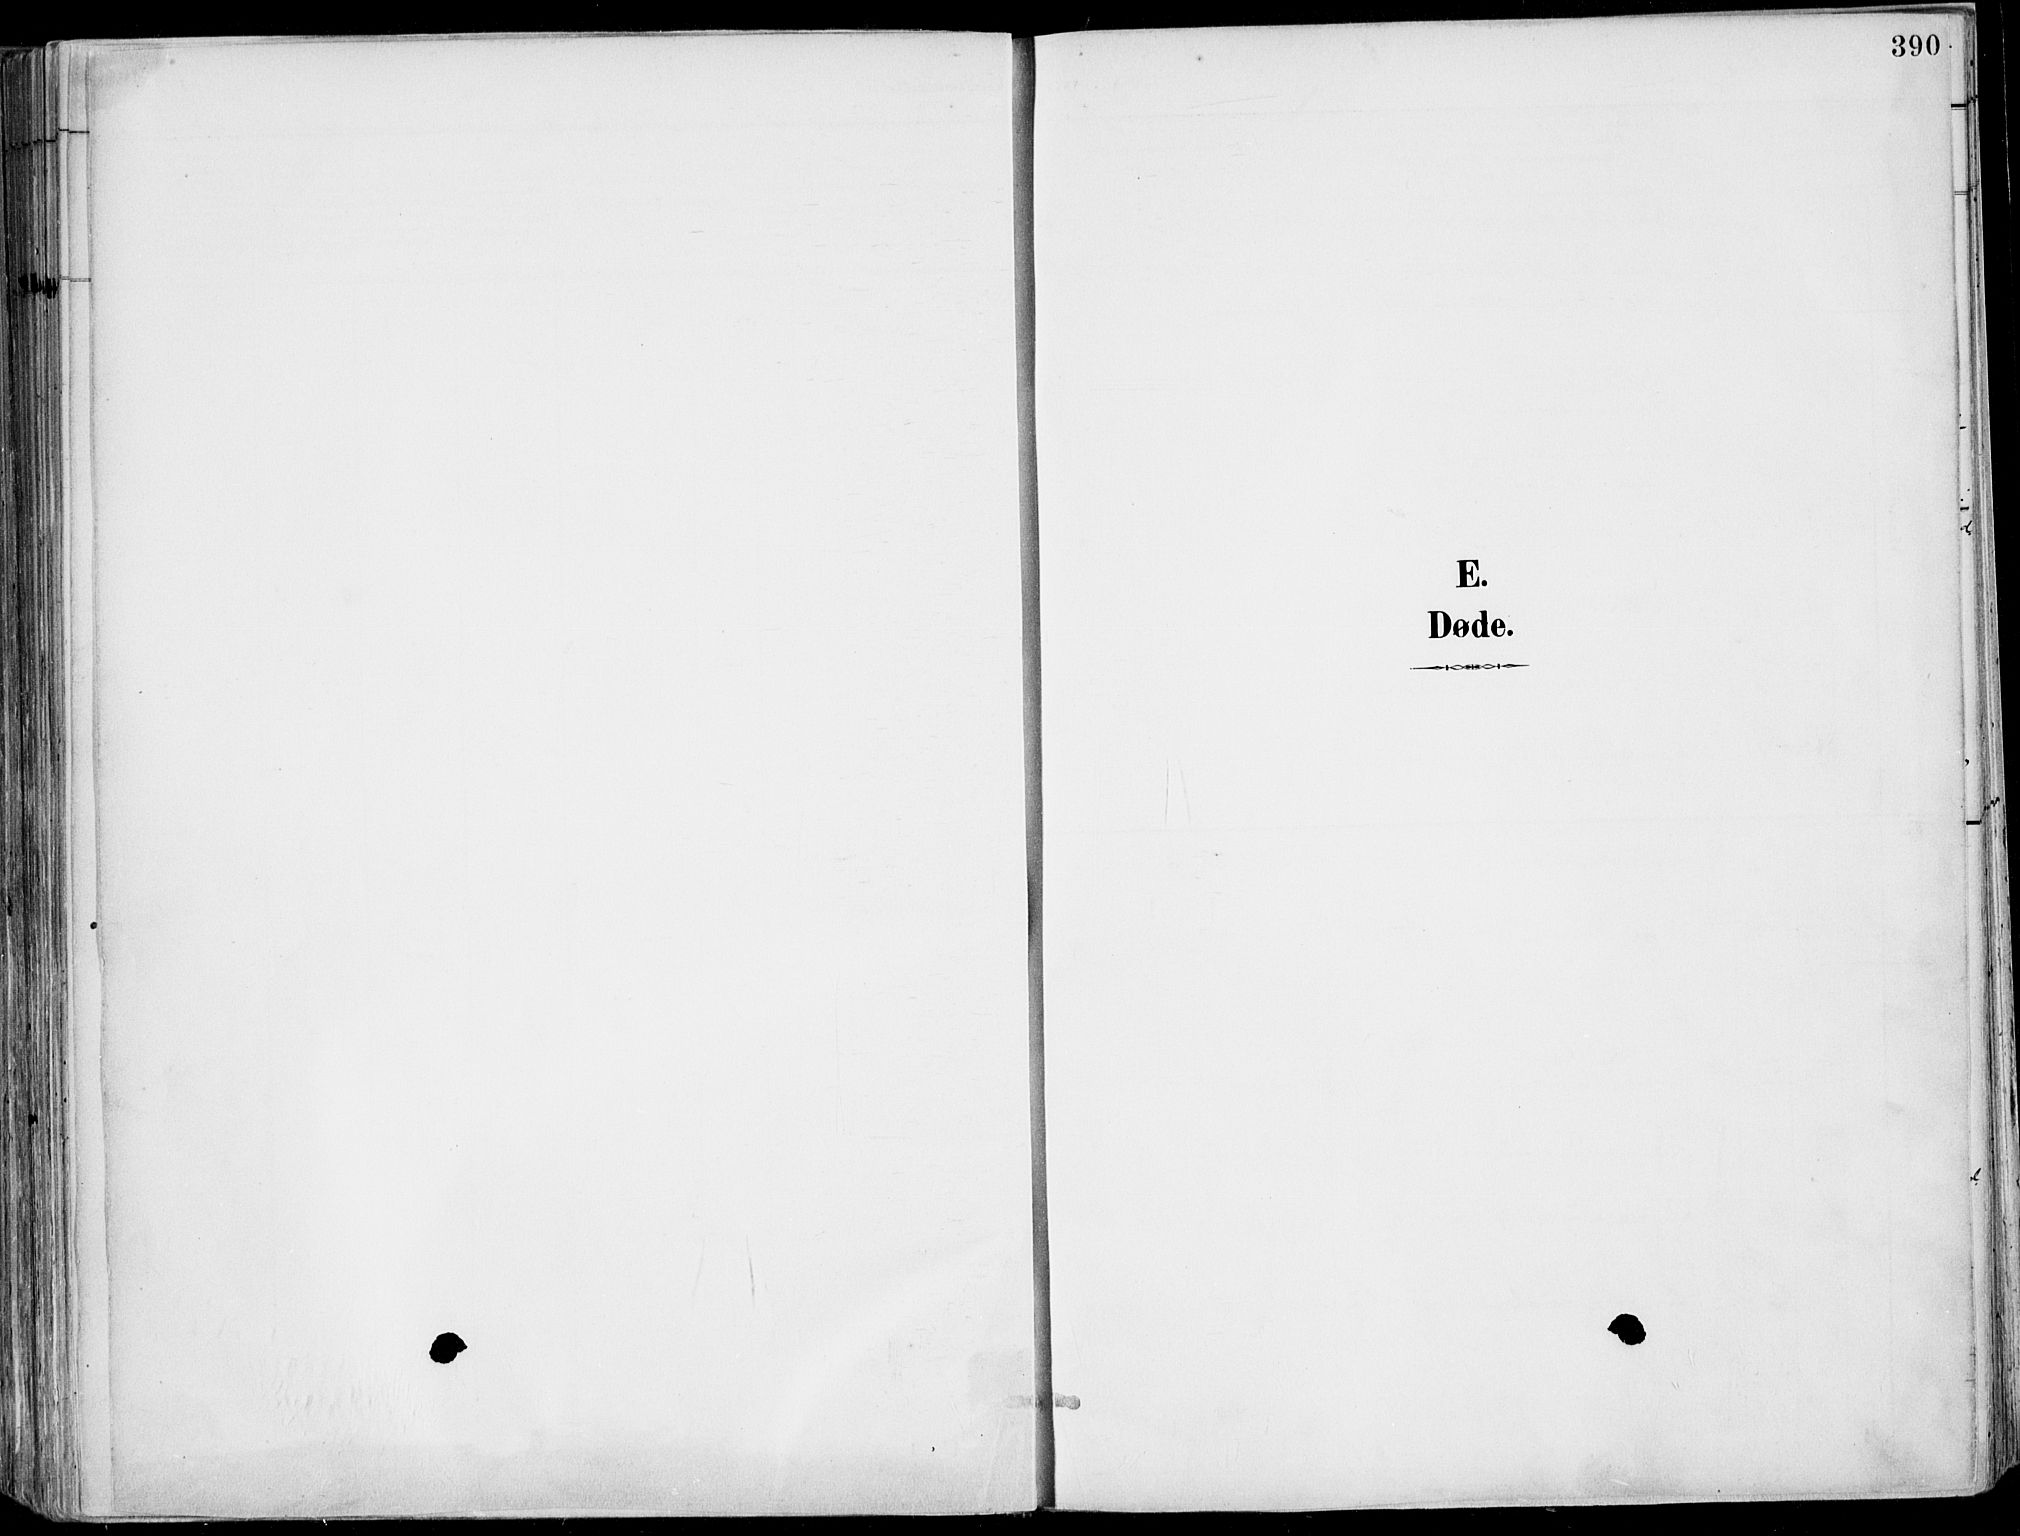 SAKO, Porsgrunn kirkebøker , F/Fa/L0011: Ministerialbok nr. 11, 1895-1919, s. 390